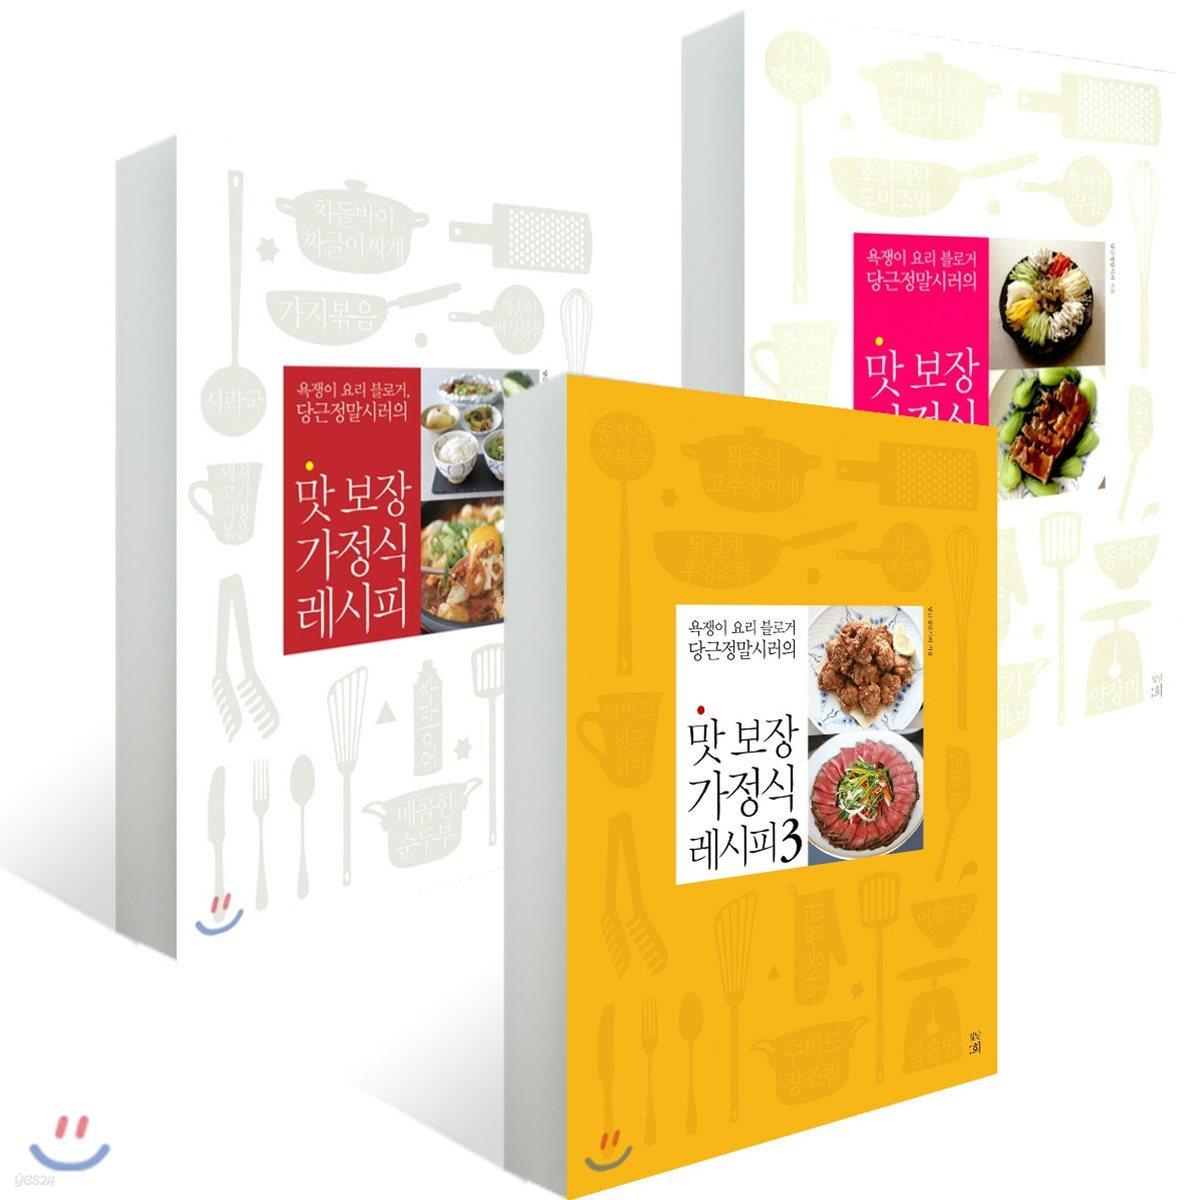 맛 보장 가정식 레시피 1~3권 세트